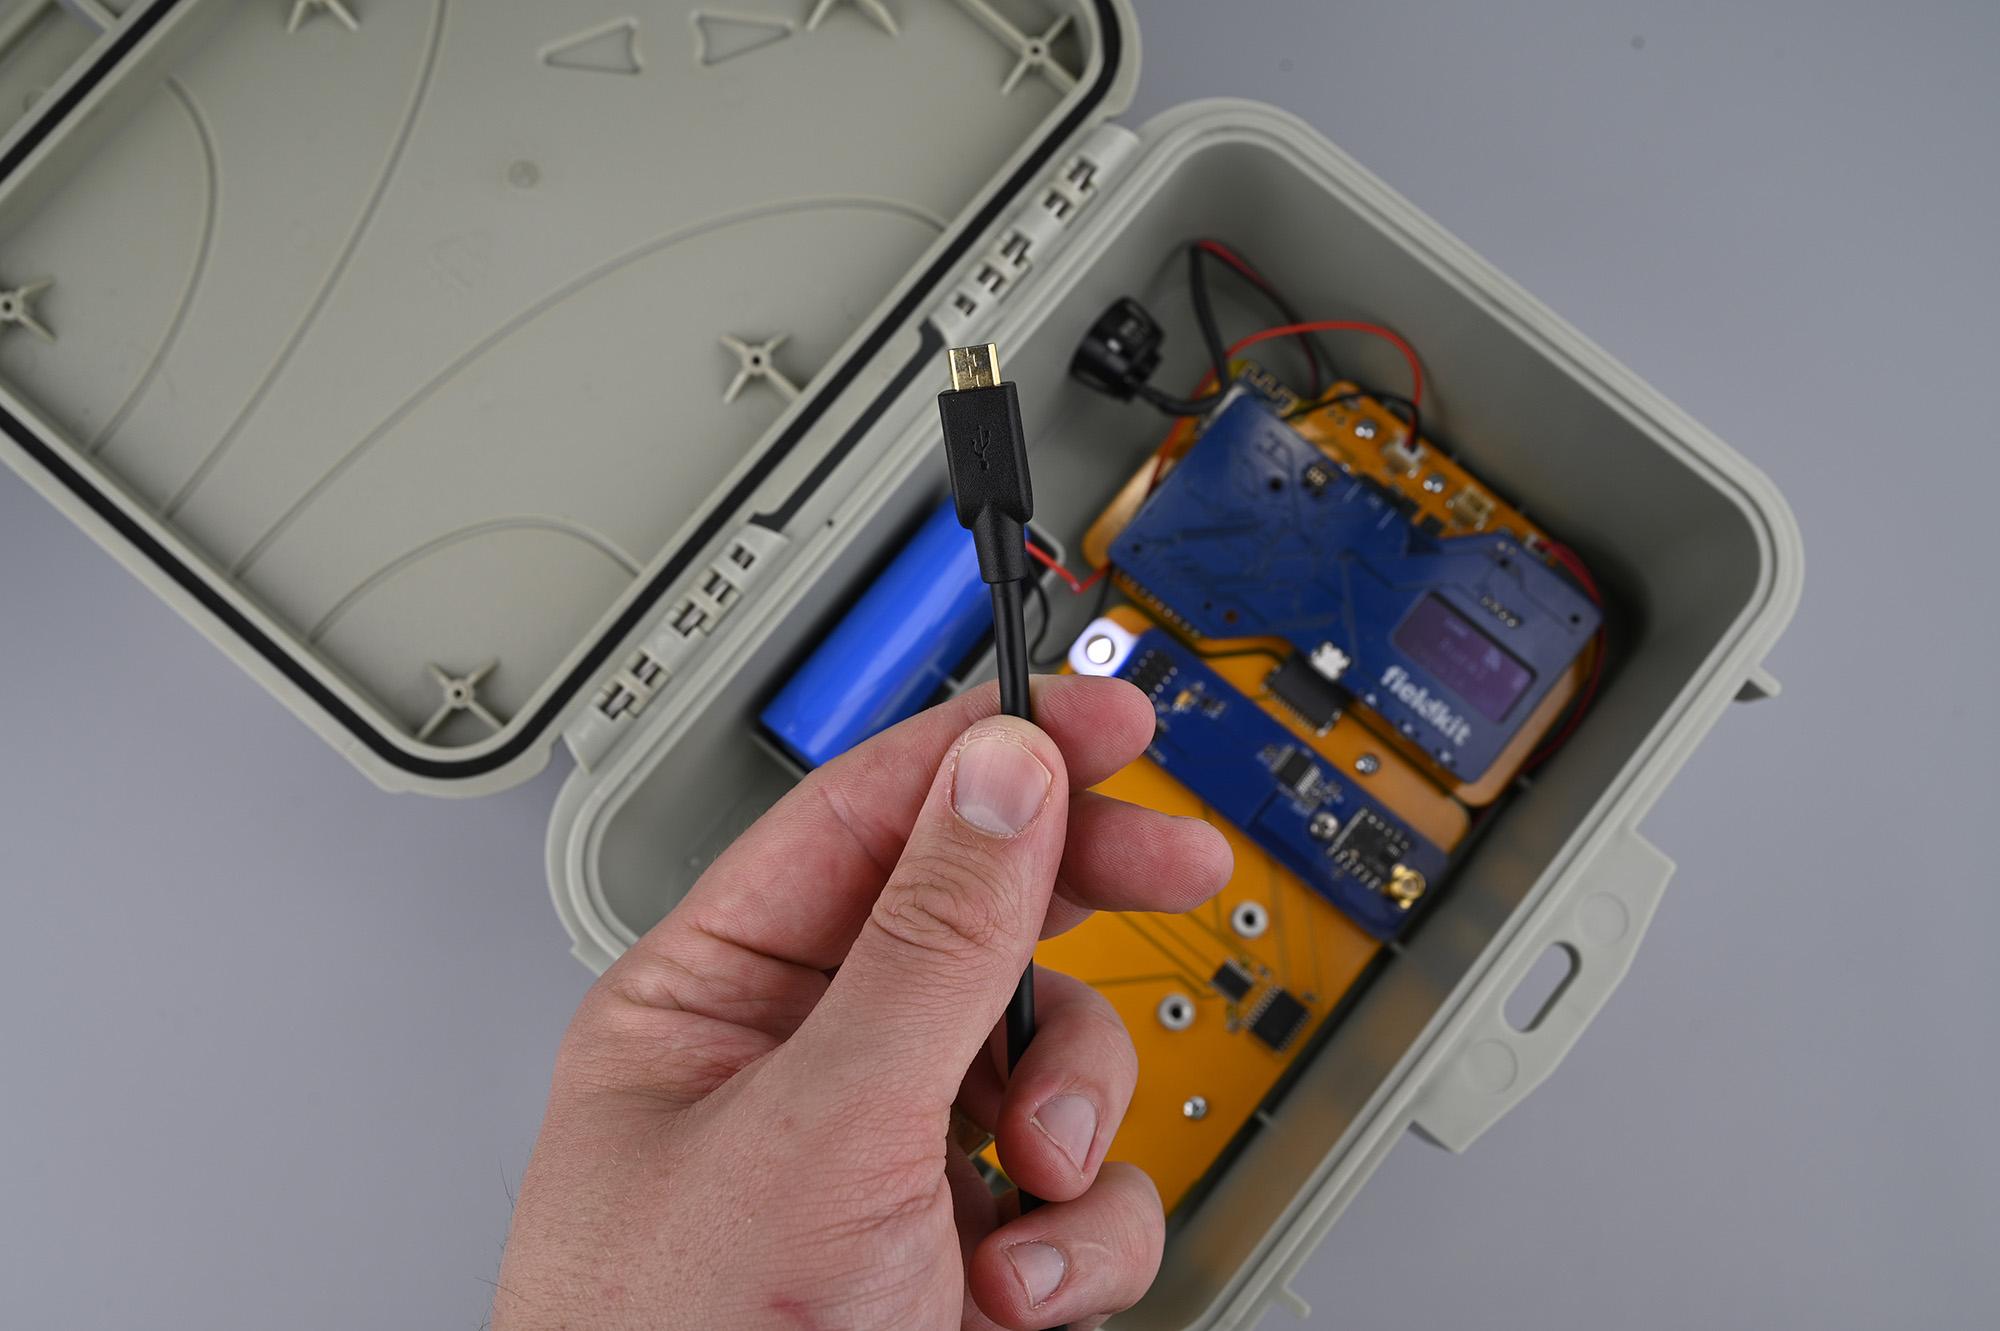 Locate Micro-USB Cable